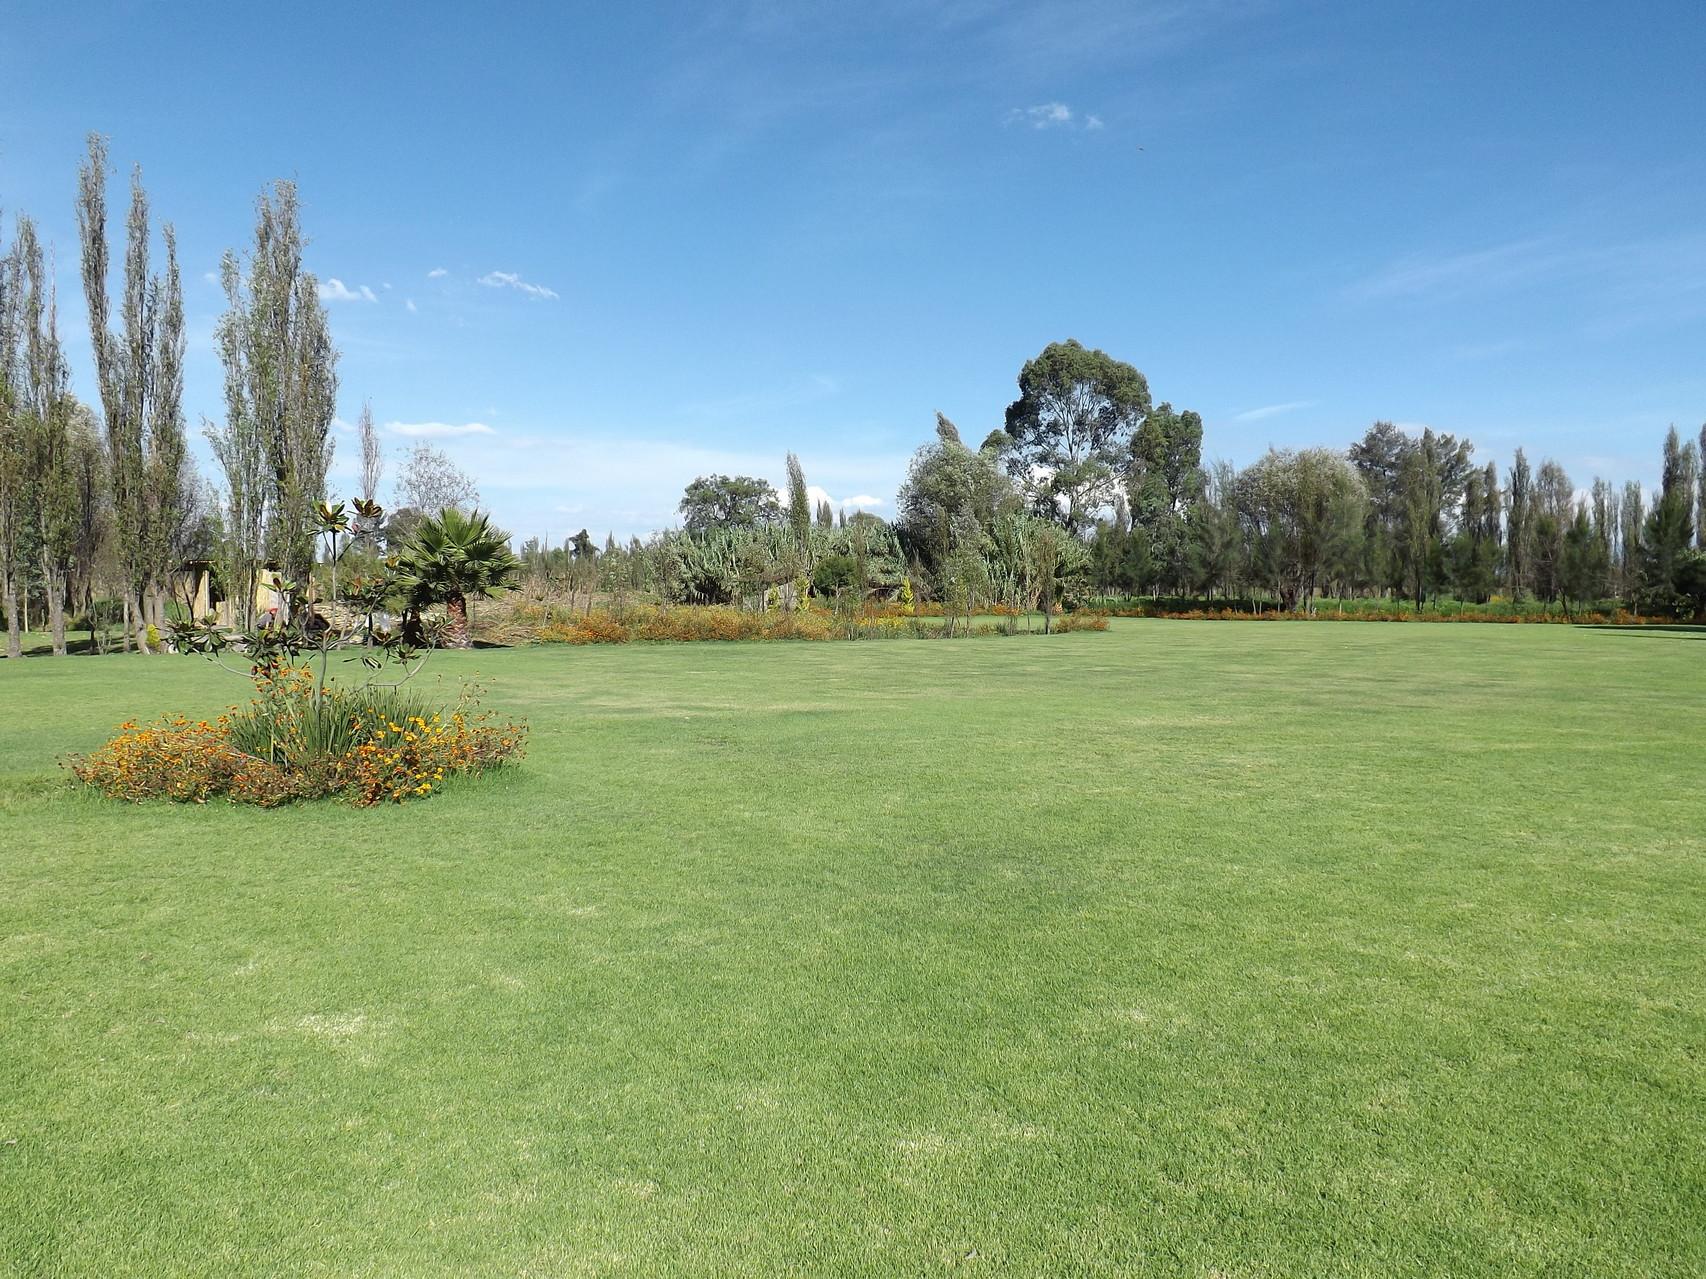 El área verde abarca aproximadamente una hectárea.